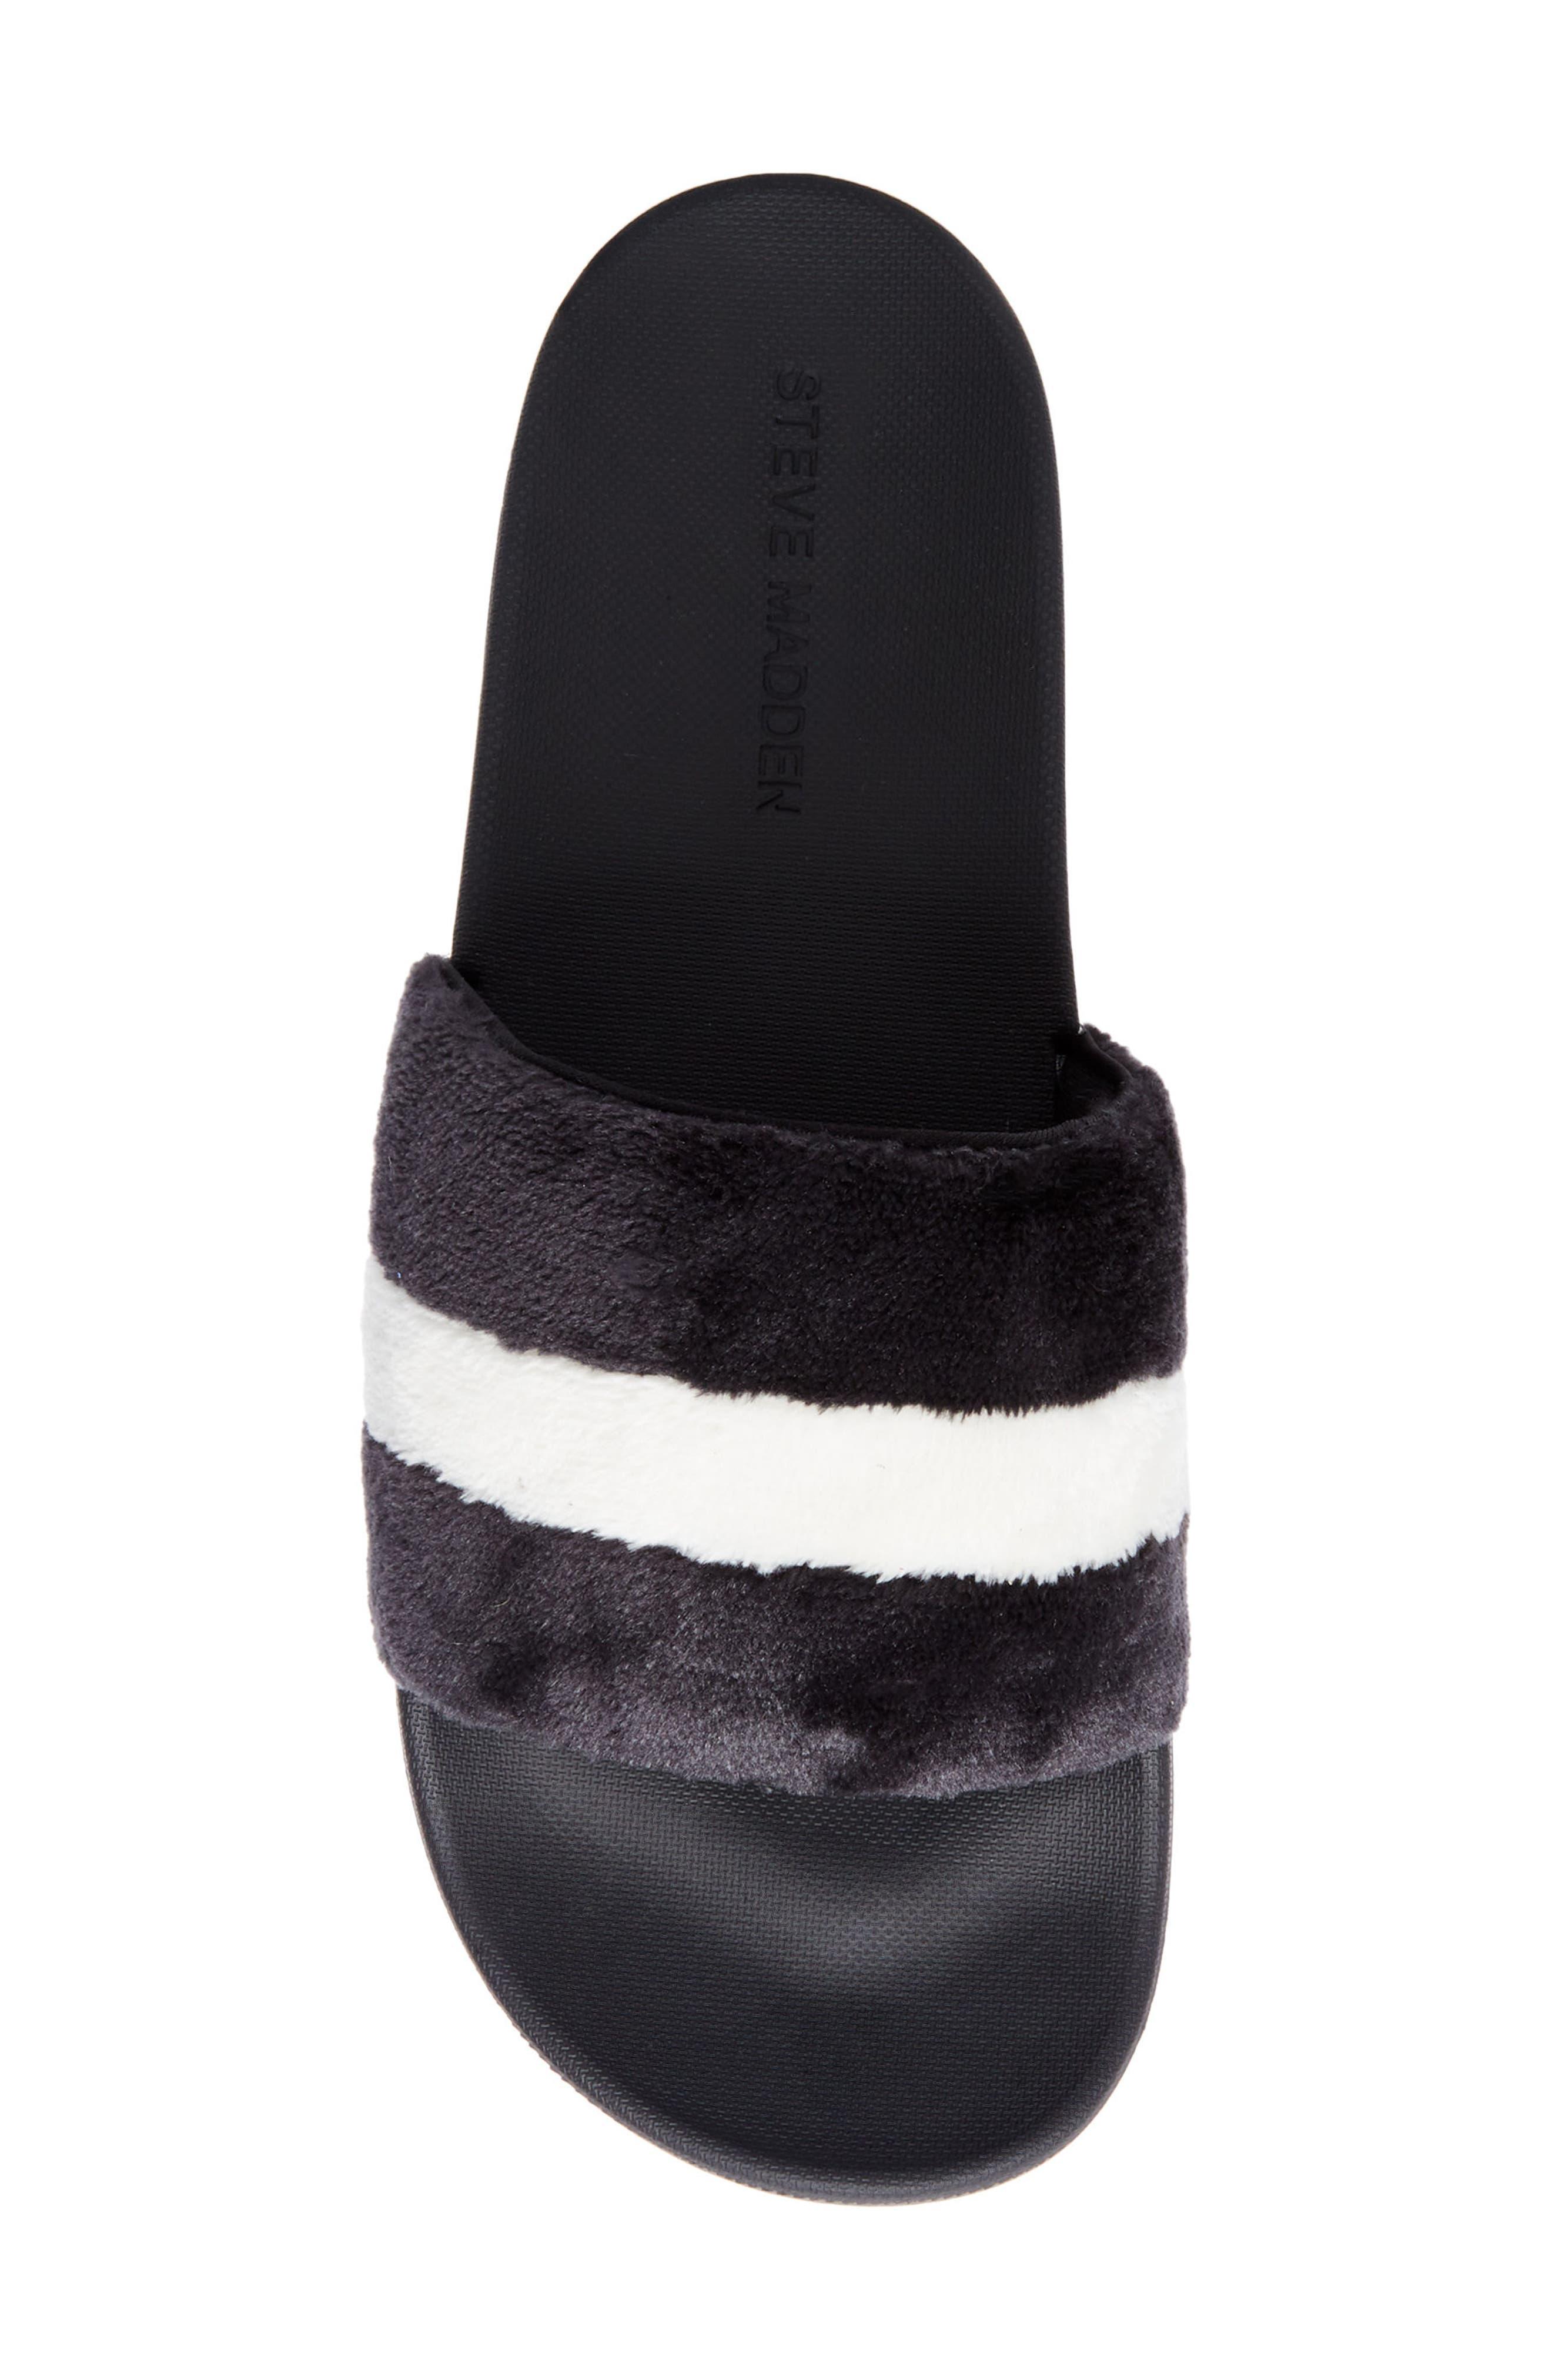 Resport Plush Slide Sandal,                             Alternate thumbnail 5, color,                             Black/ White